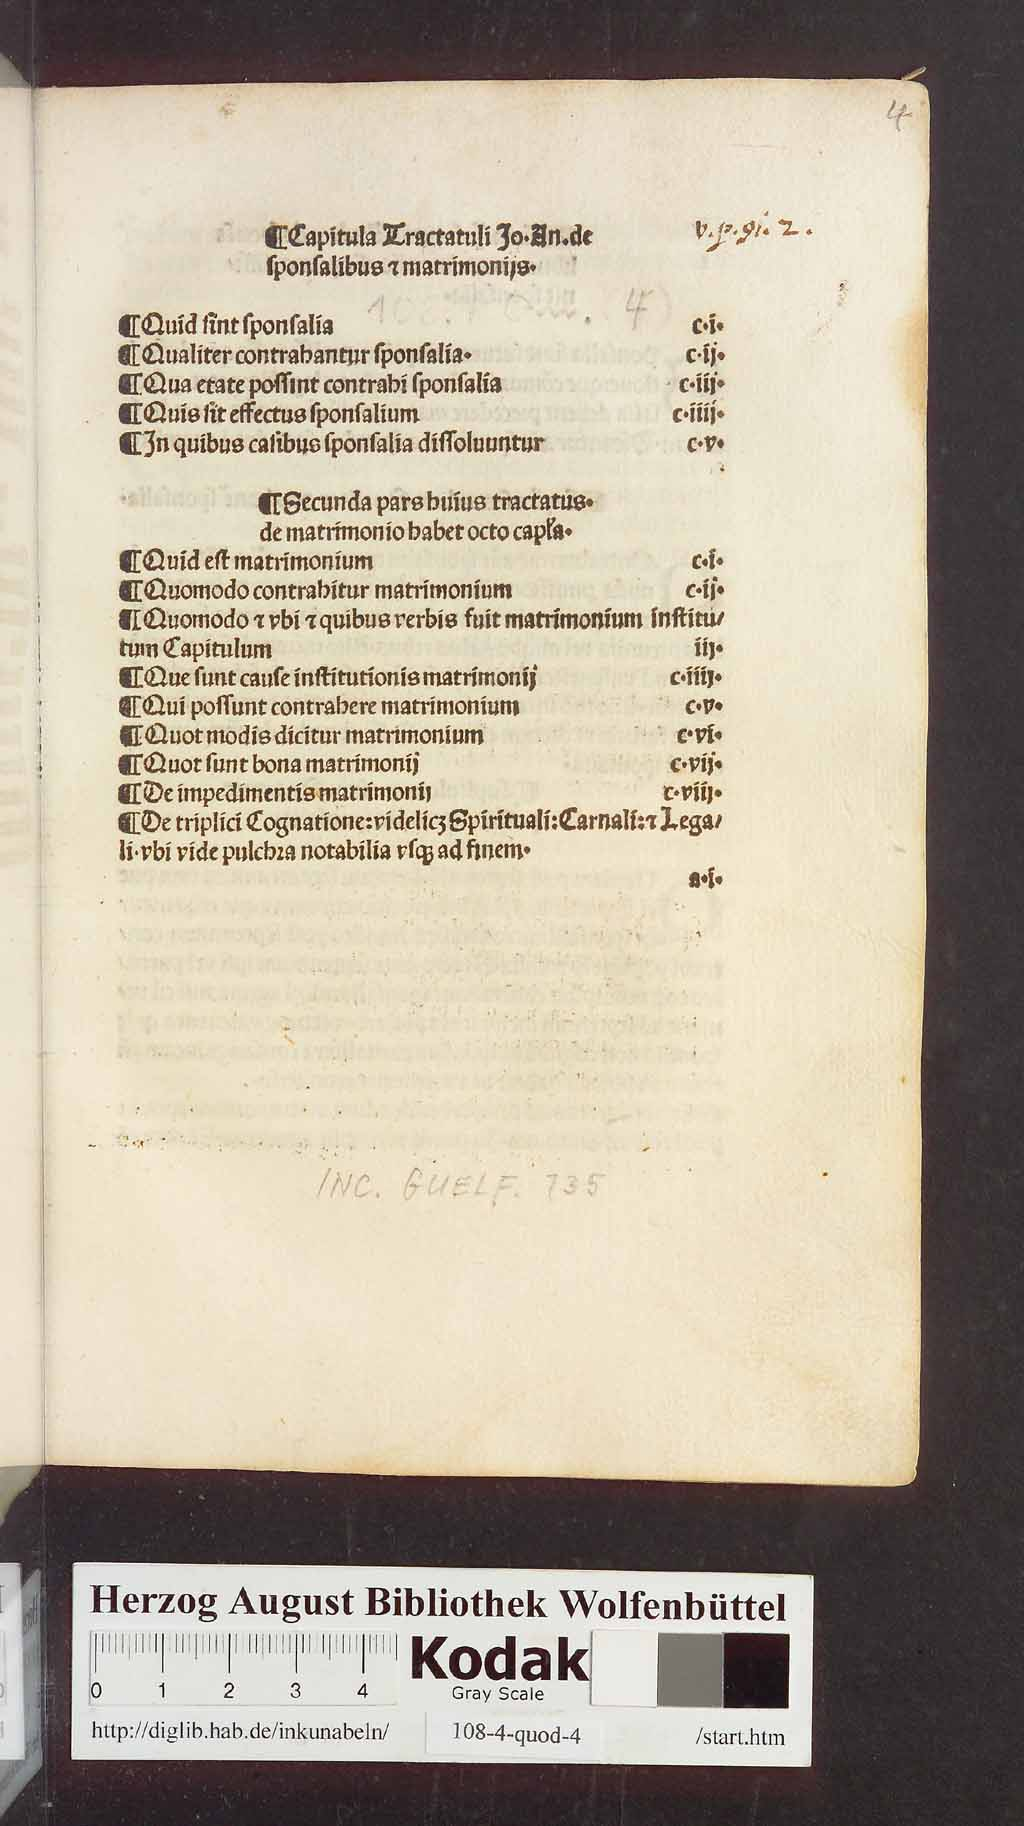 http://diglib.hab.de/inkunabeln/108-4-quod-4/00001.jpg